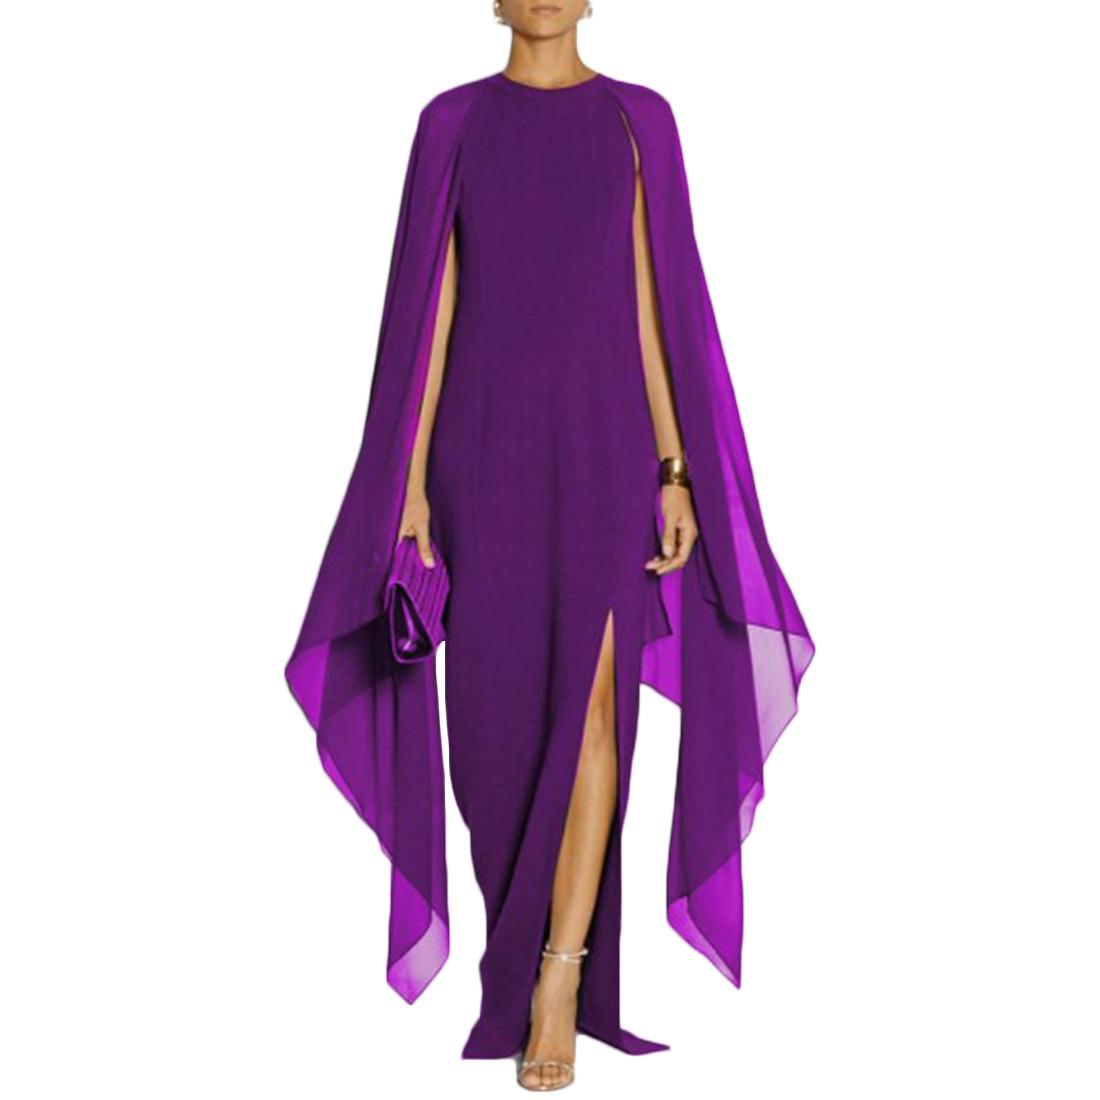 Aliexpress.com : Buy Women Chiffon Patchwork Party Long Dress Sexy ...